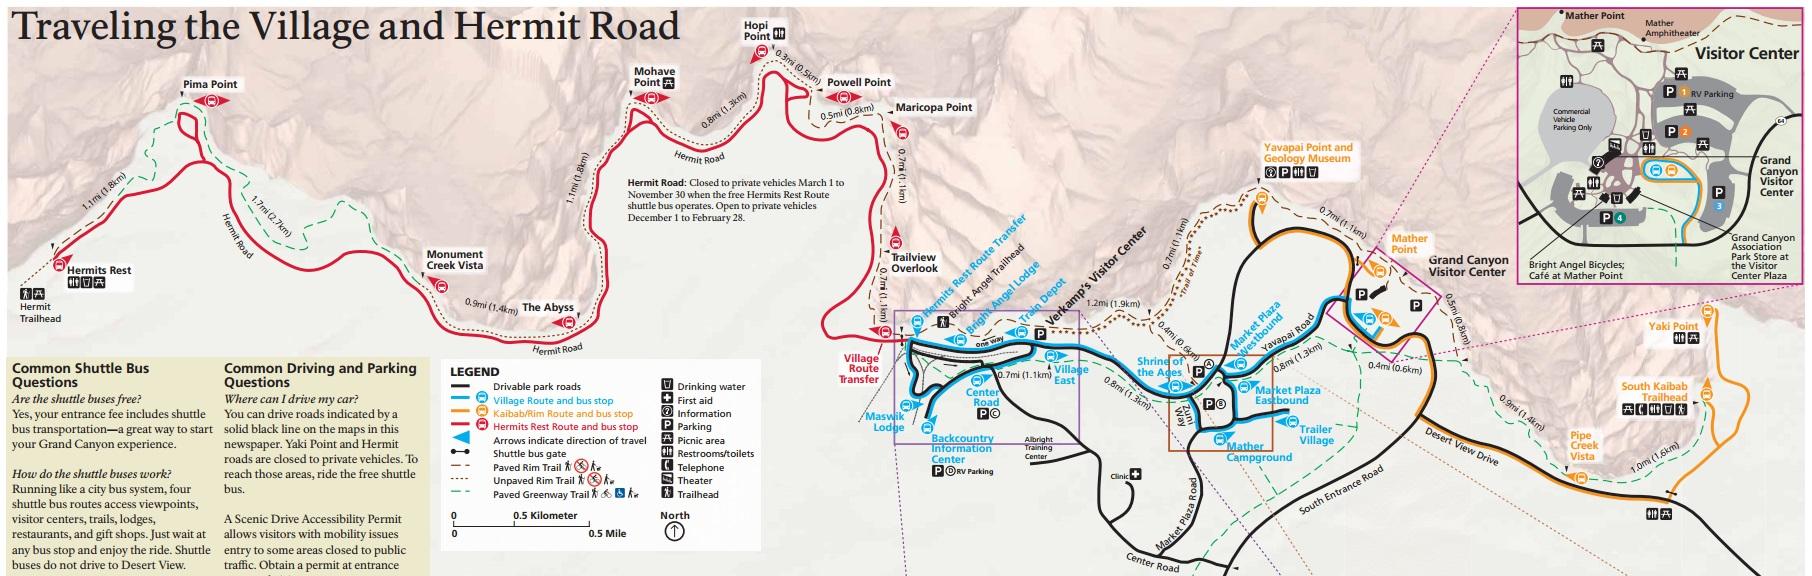 แผนที่ Grand Canyon ชั้นใน (คลิกเพื่อดูแผนที่ขนาดเต็ม)